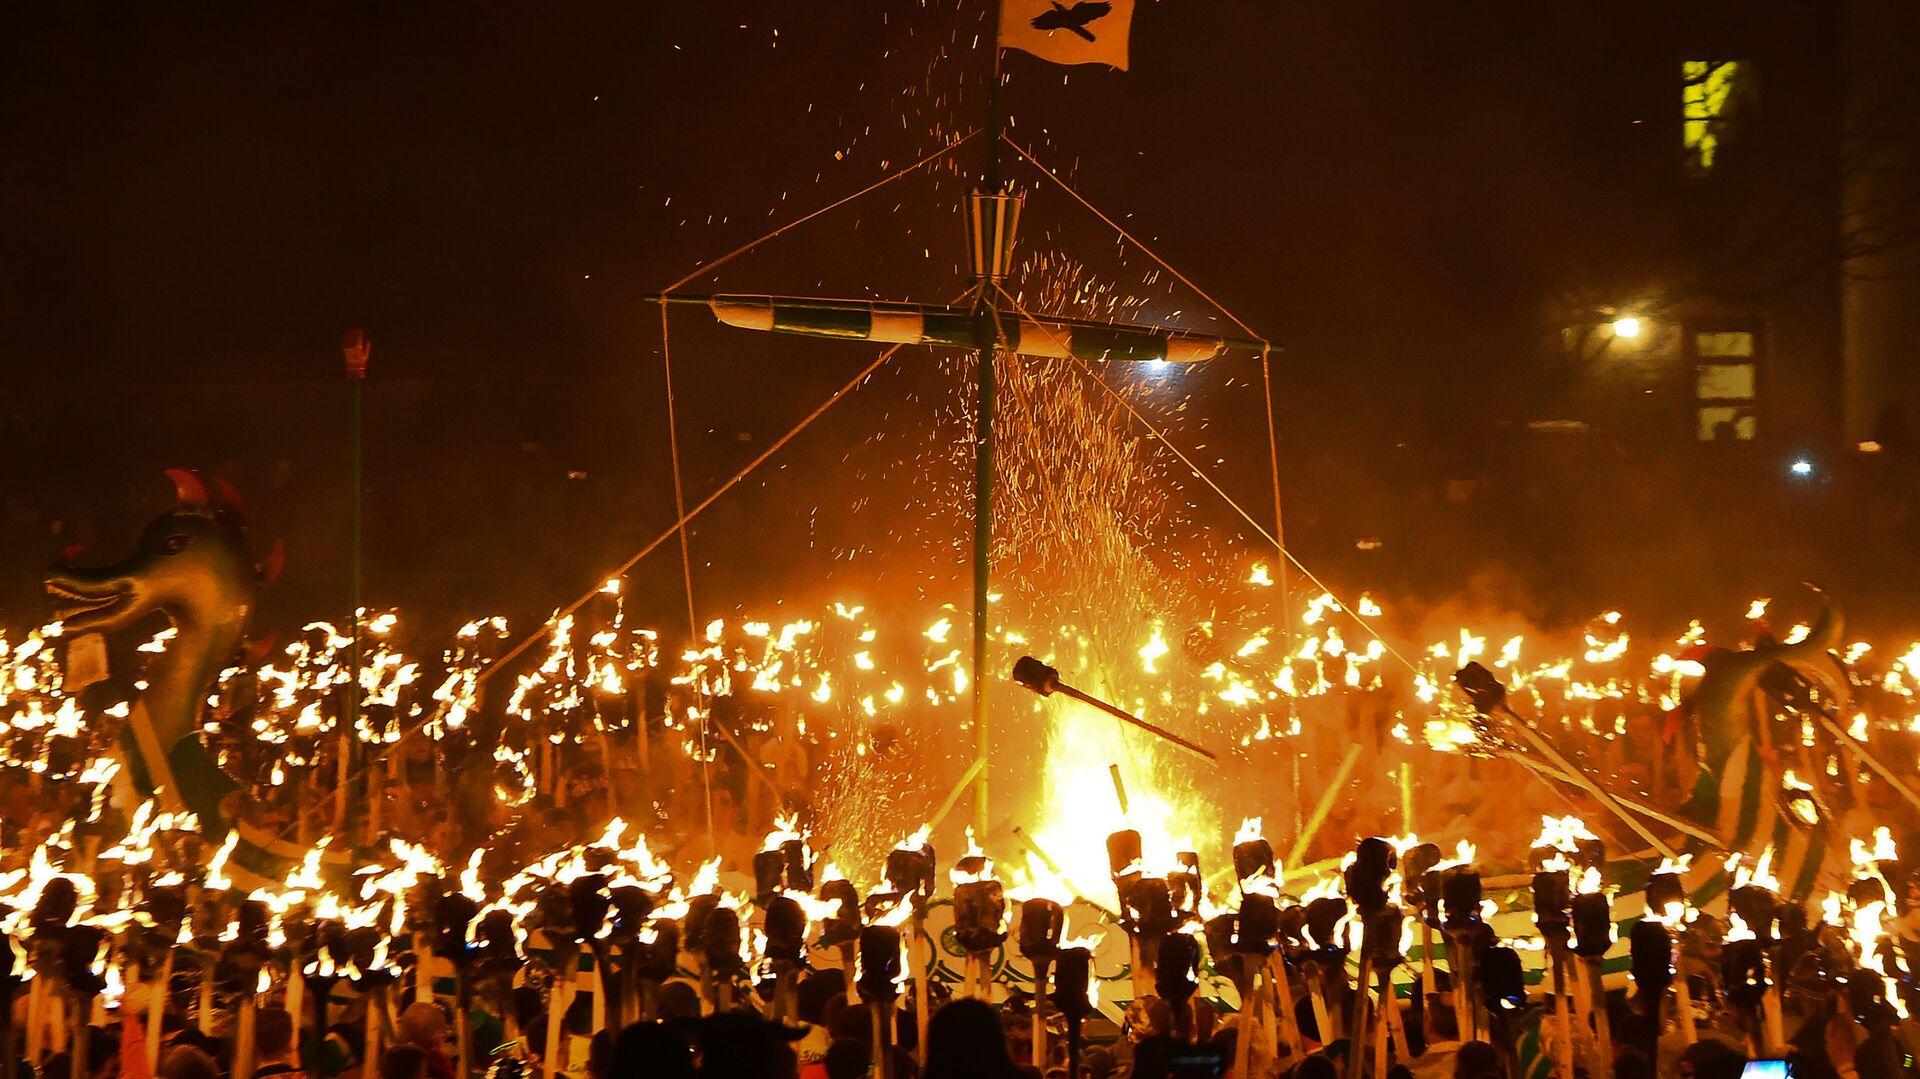 Фестиваль викингов на Шетландских островах - РИА Новости, 1920, 21.02.2021